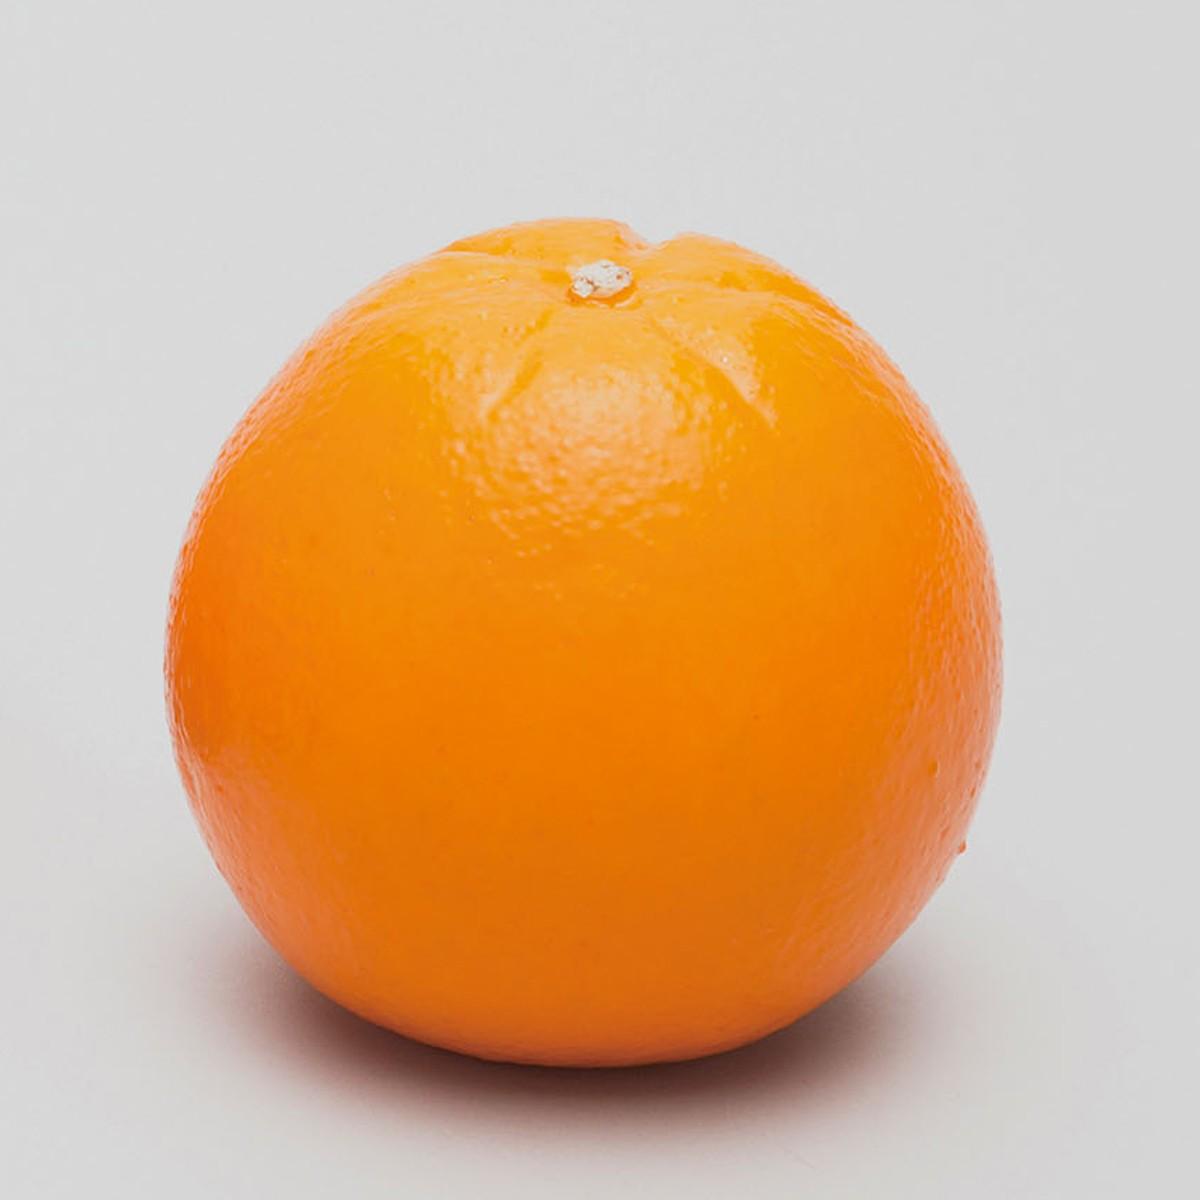 果物モデル オレンジ 12個セット 硬質スチロール製 【 デッサン スケッチ 絵画 モデル 果物 野菜 】